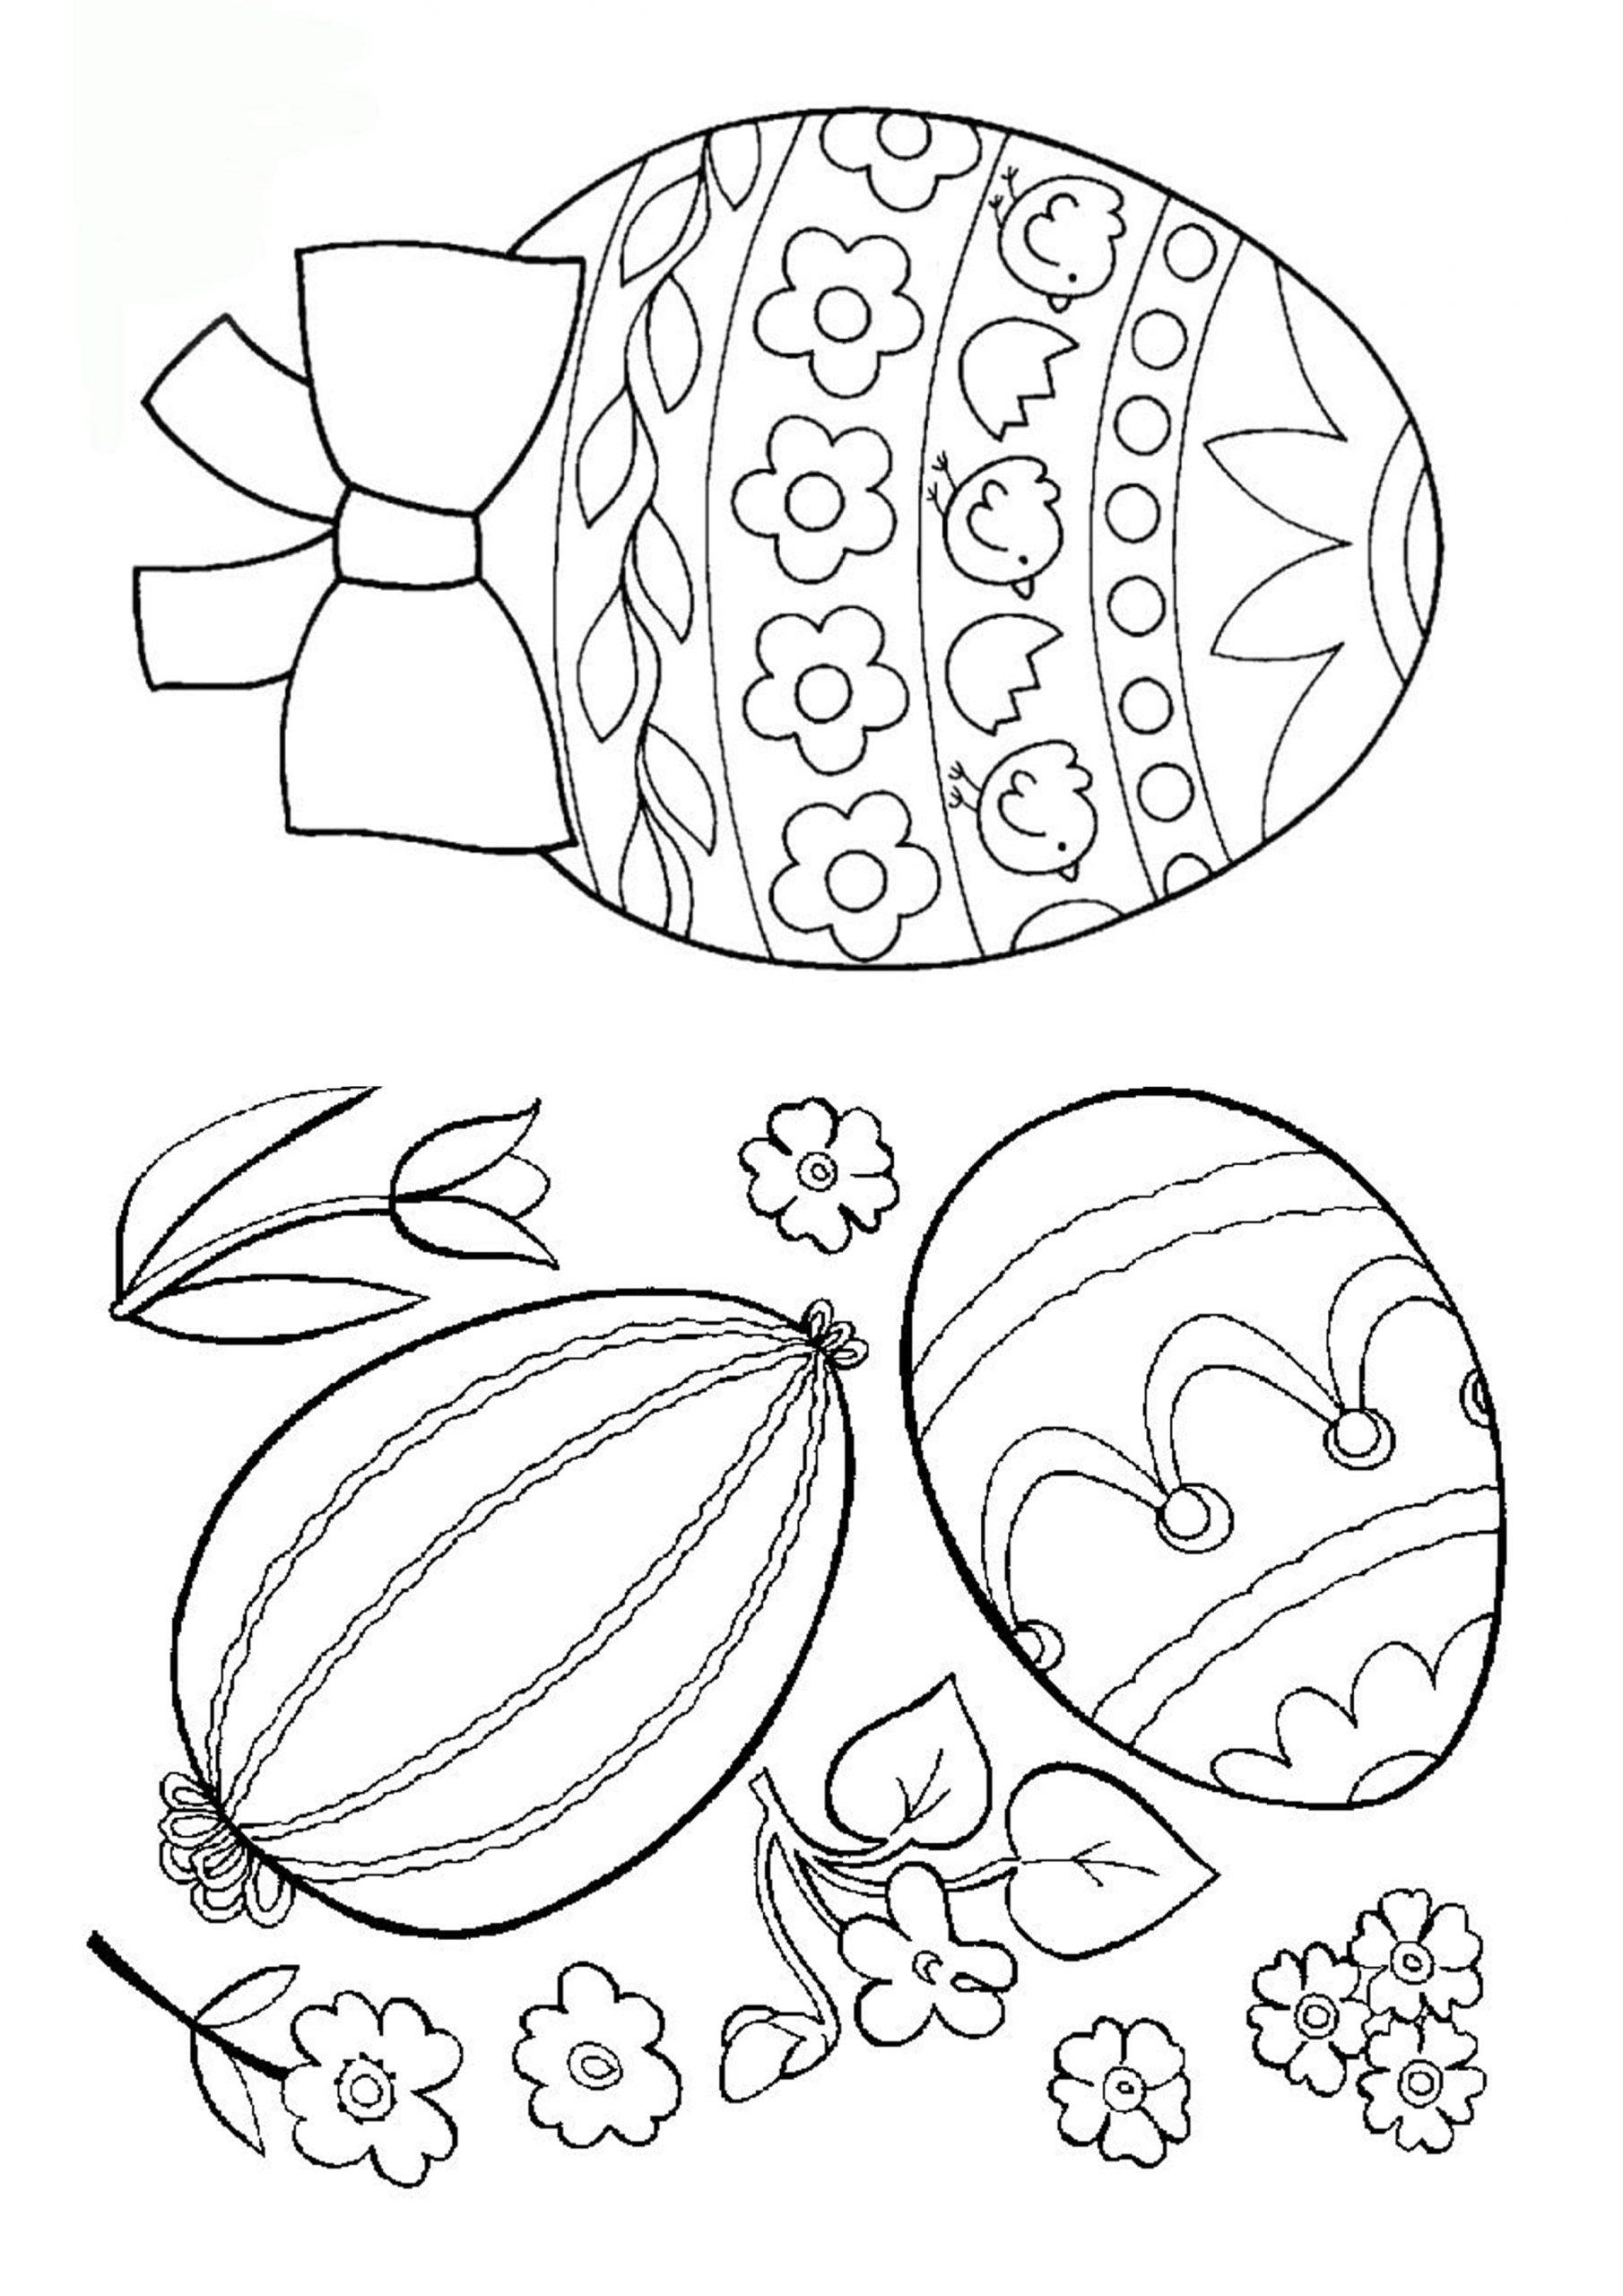 Ausmalbilder Ostern. Kostenlos Ostereier Und Hasen Ausdrucken über Ostereier Ausmalbilder